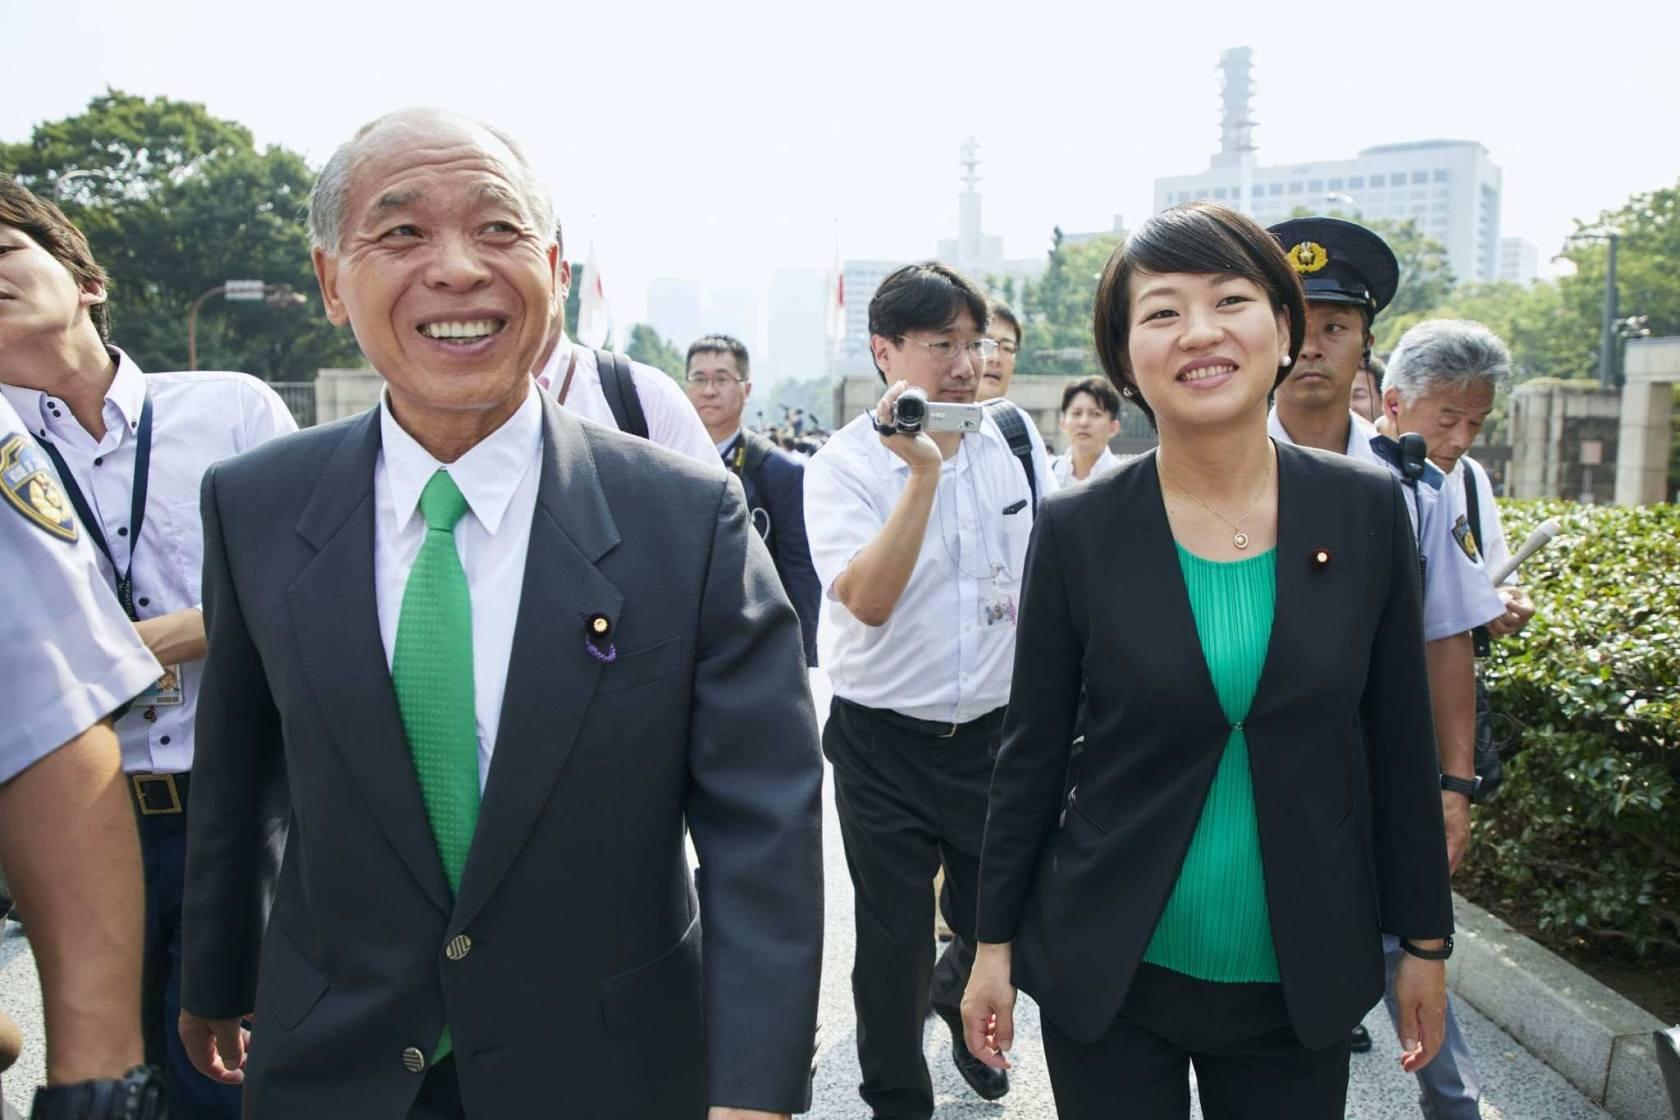 鈴木宗男氏「夢だった」長女貴子氏と親子登院